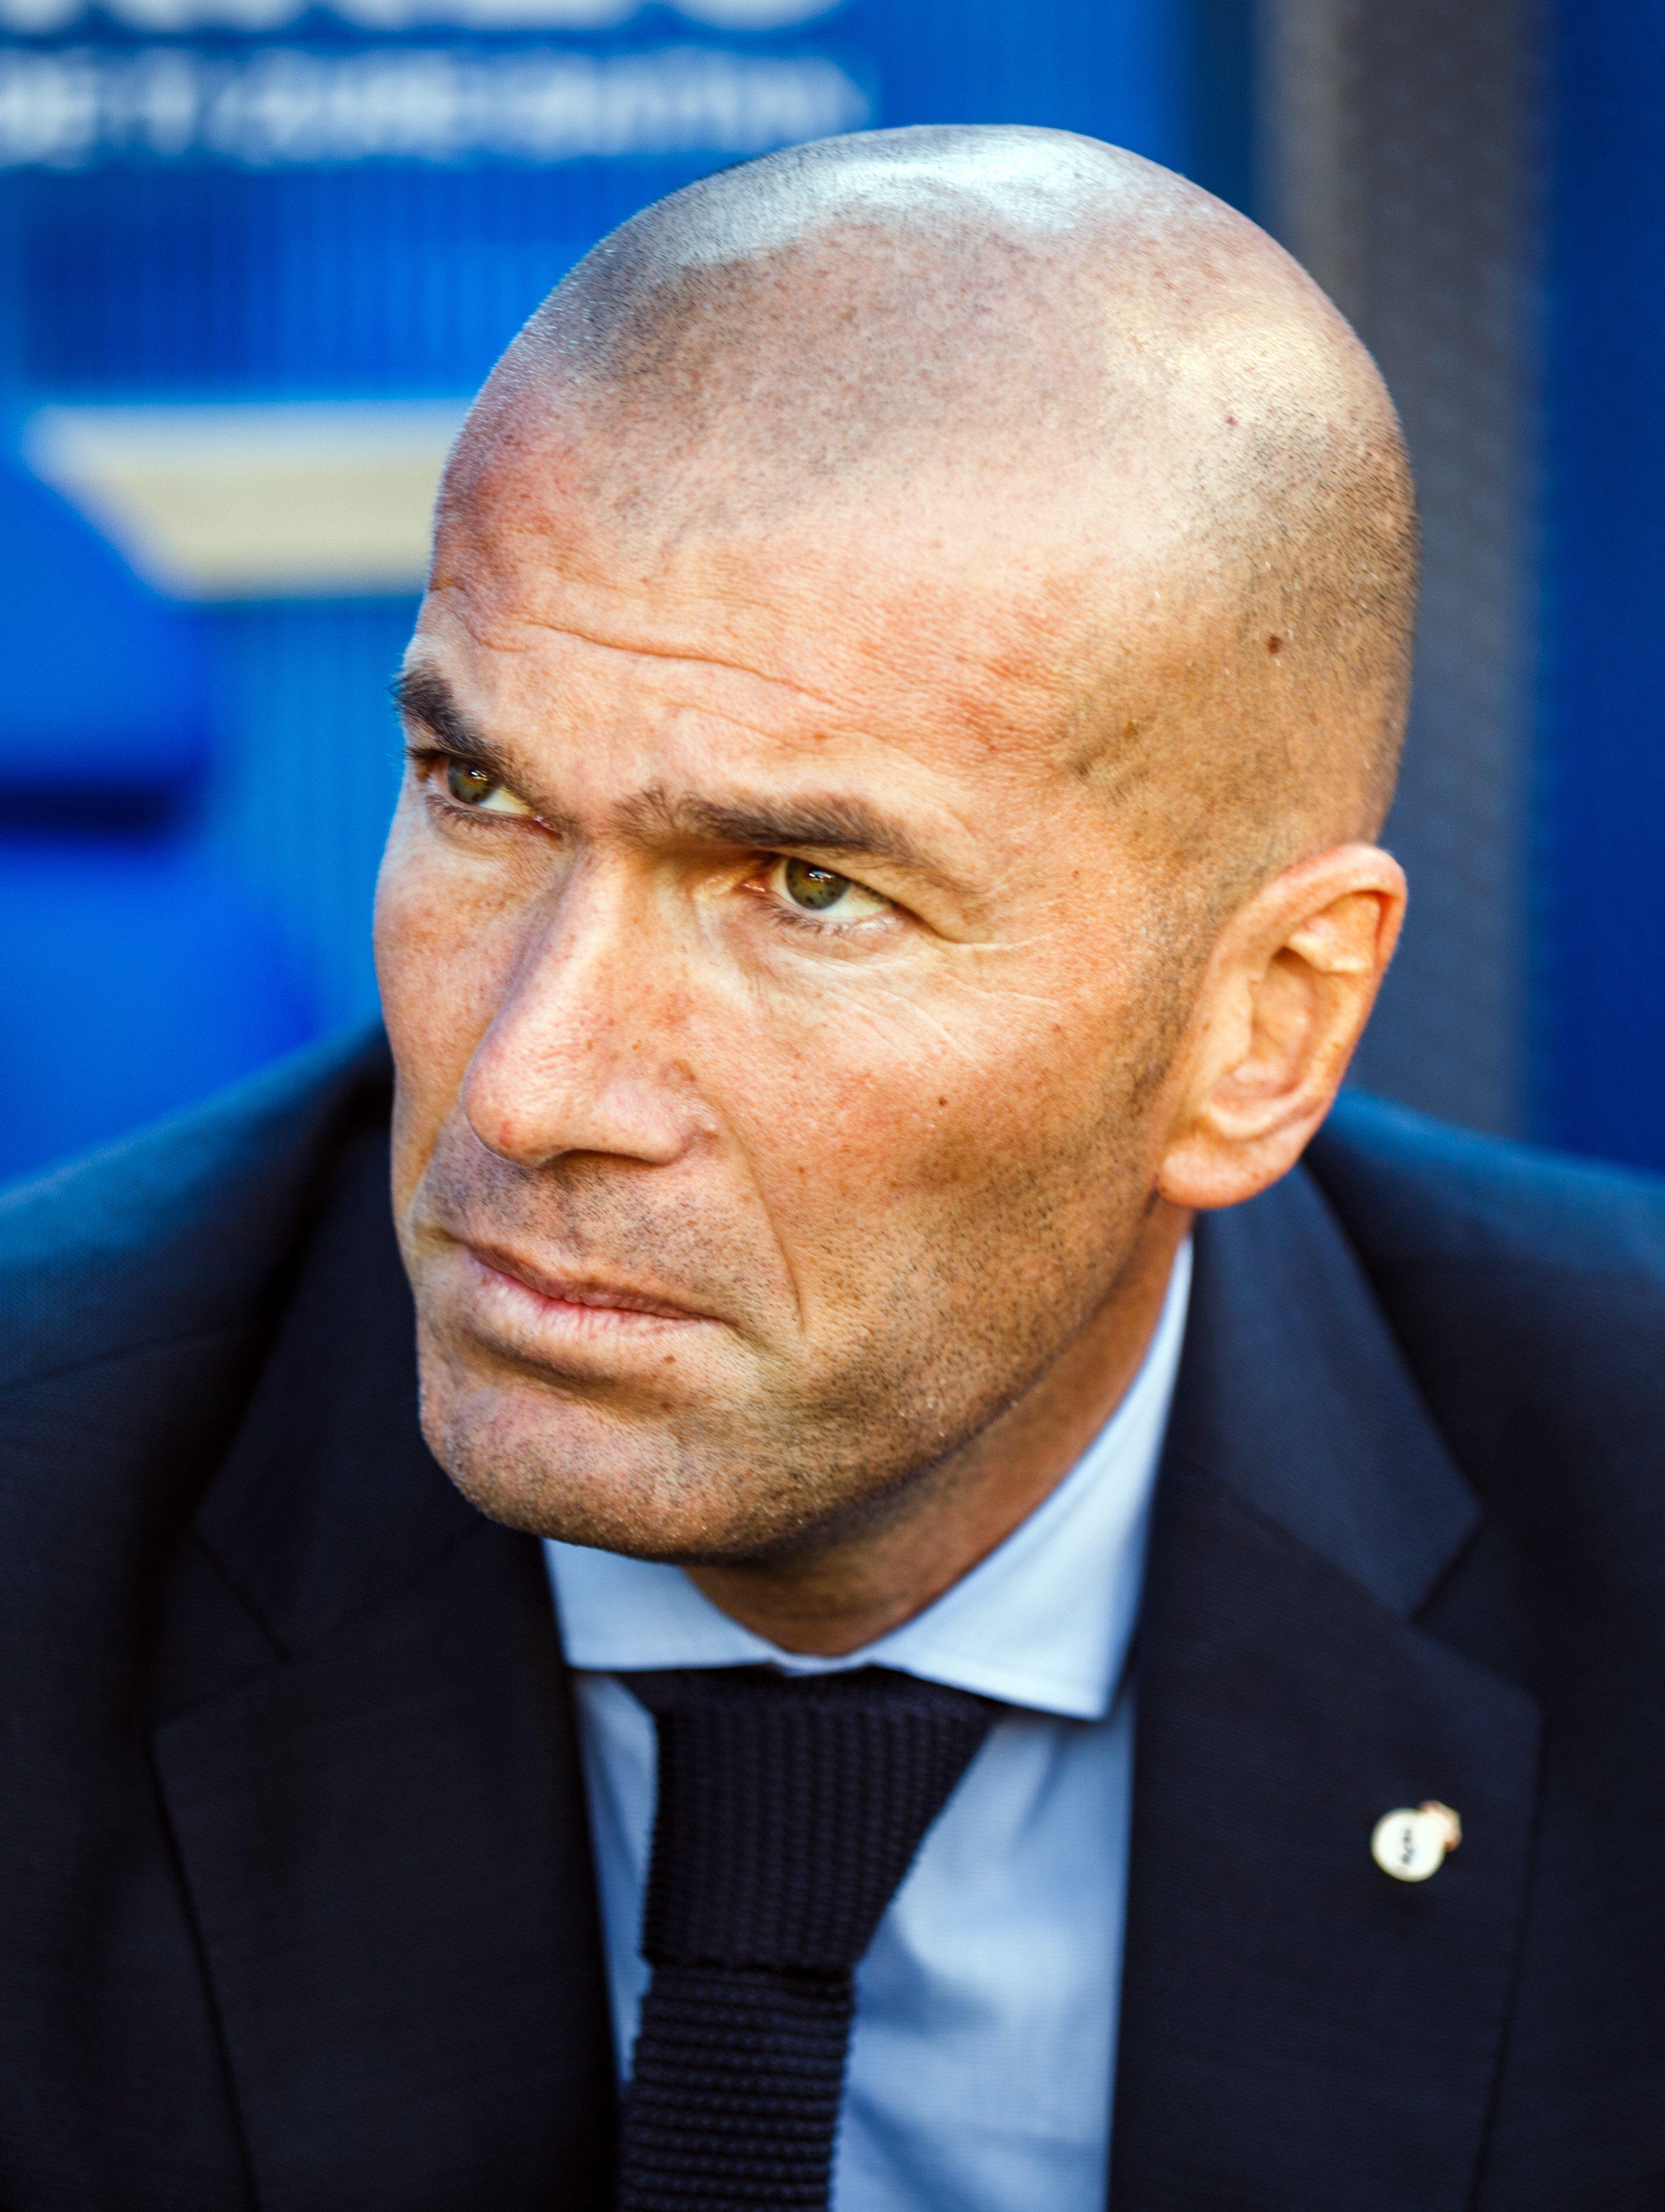 Zinedine Zidane's Badass Clean Shave